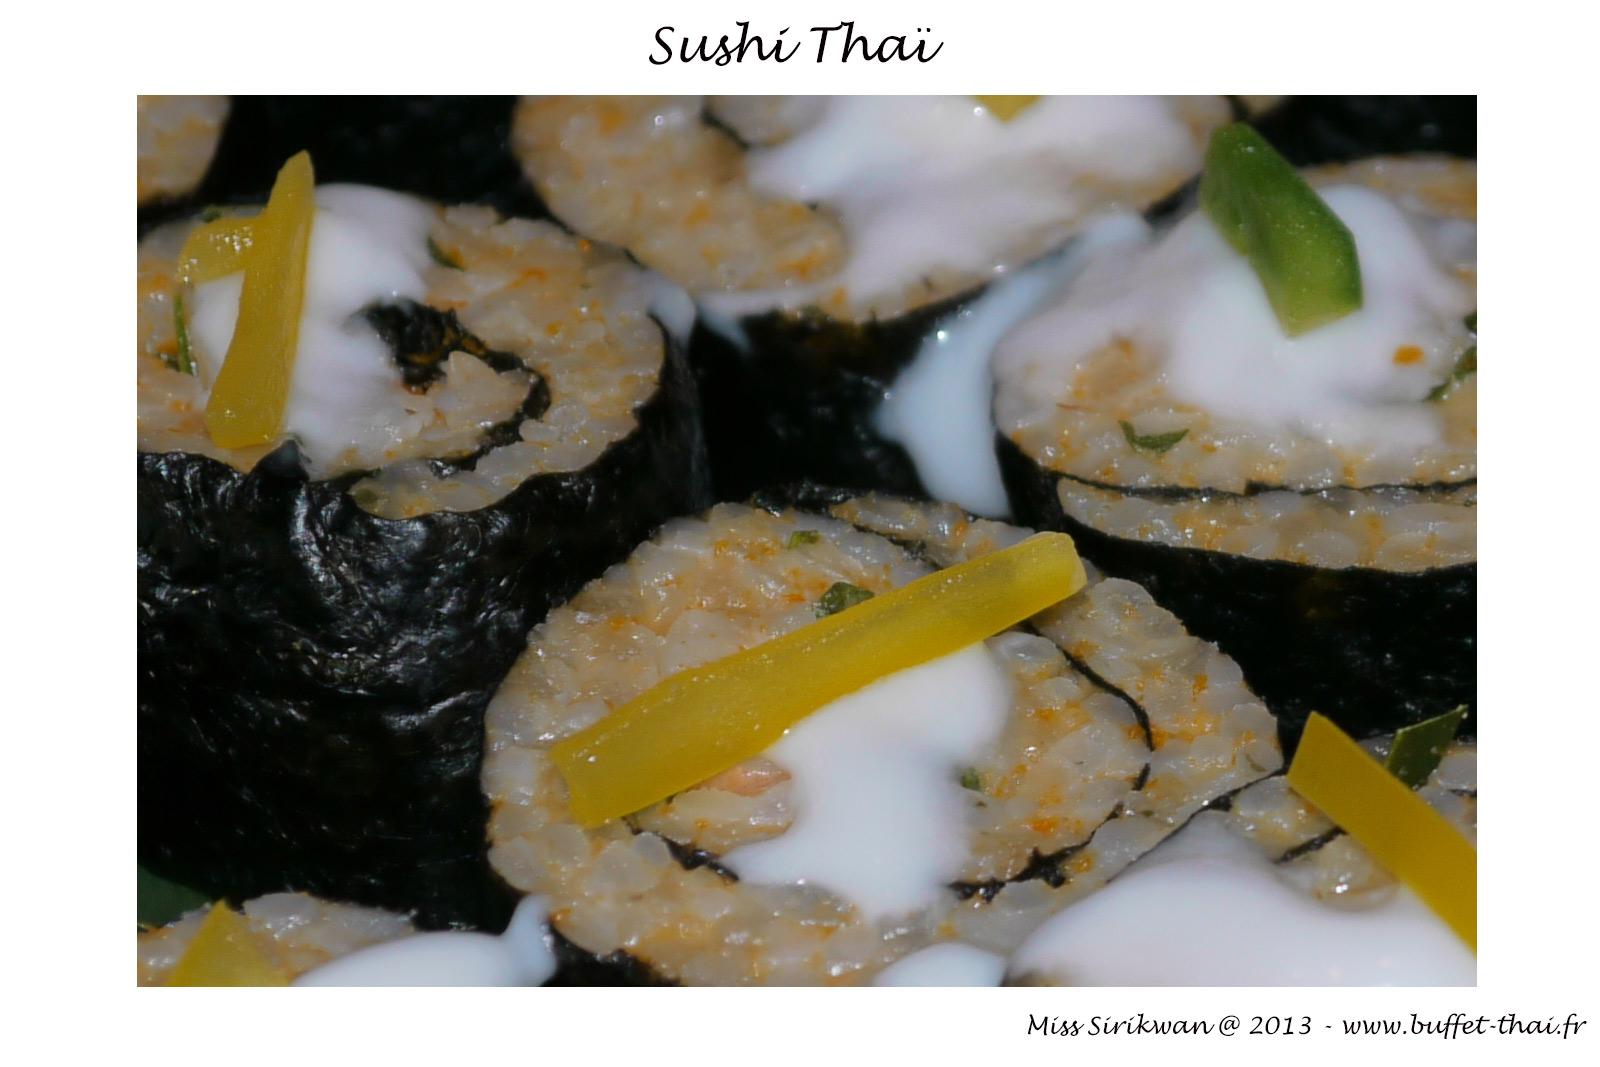 sushi-thai-crevettes-7